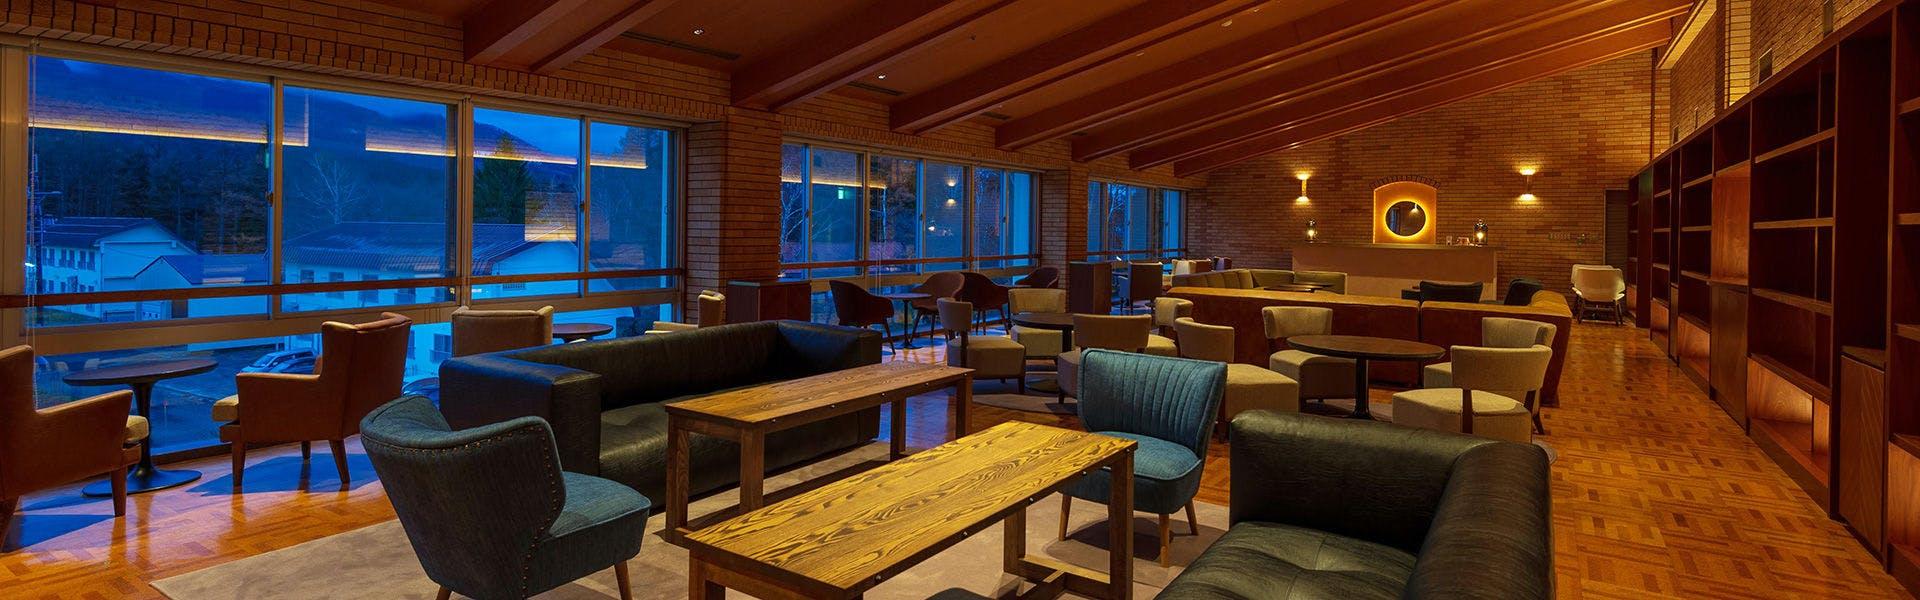 レストラン「LIBRARY BAR」